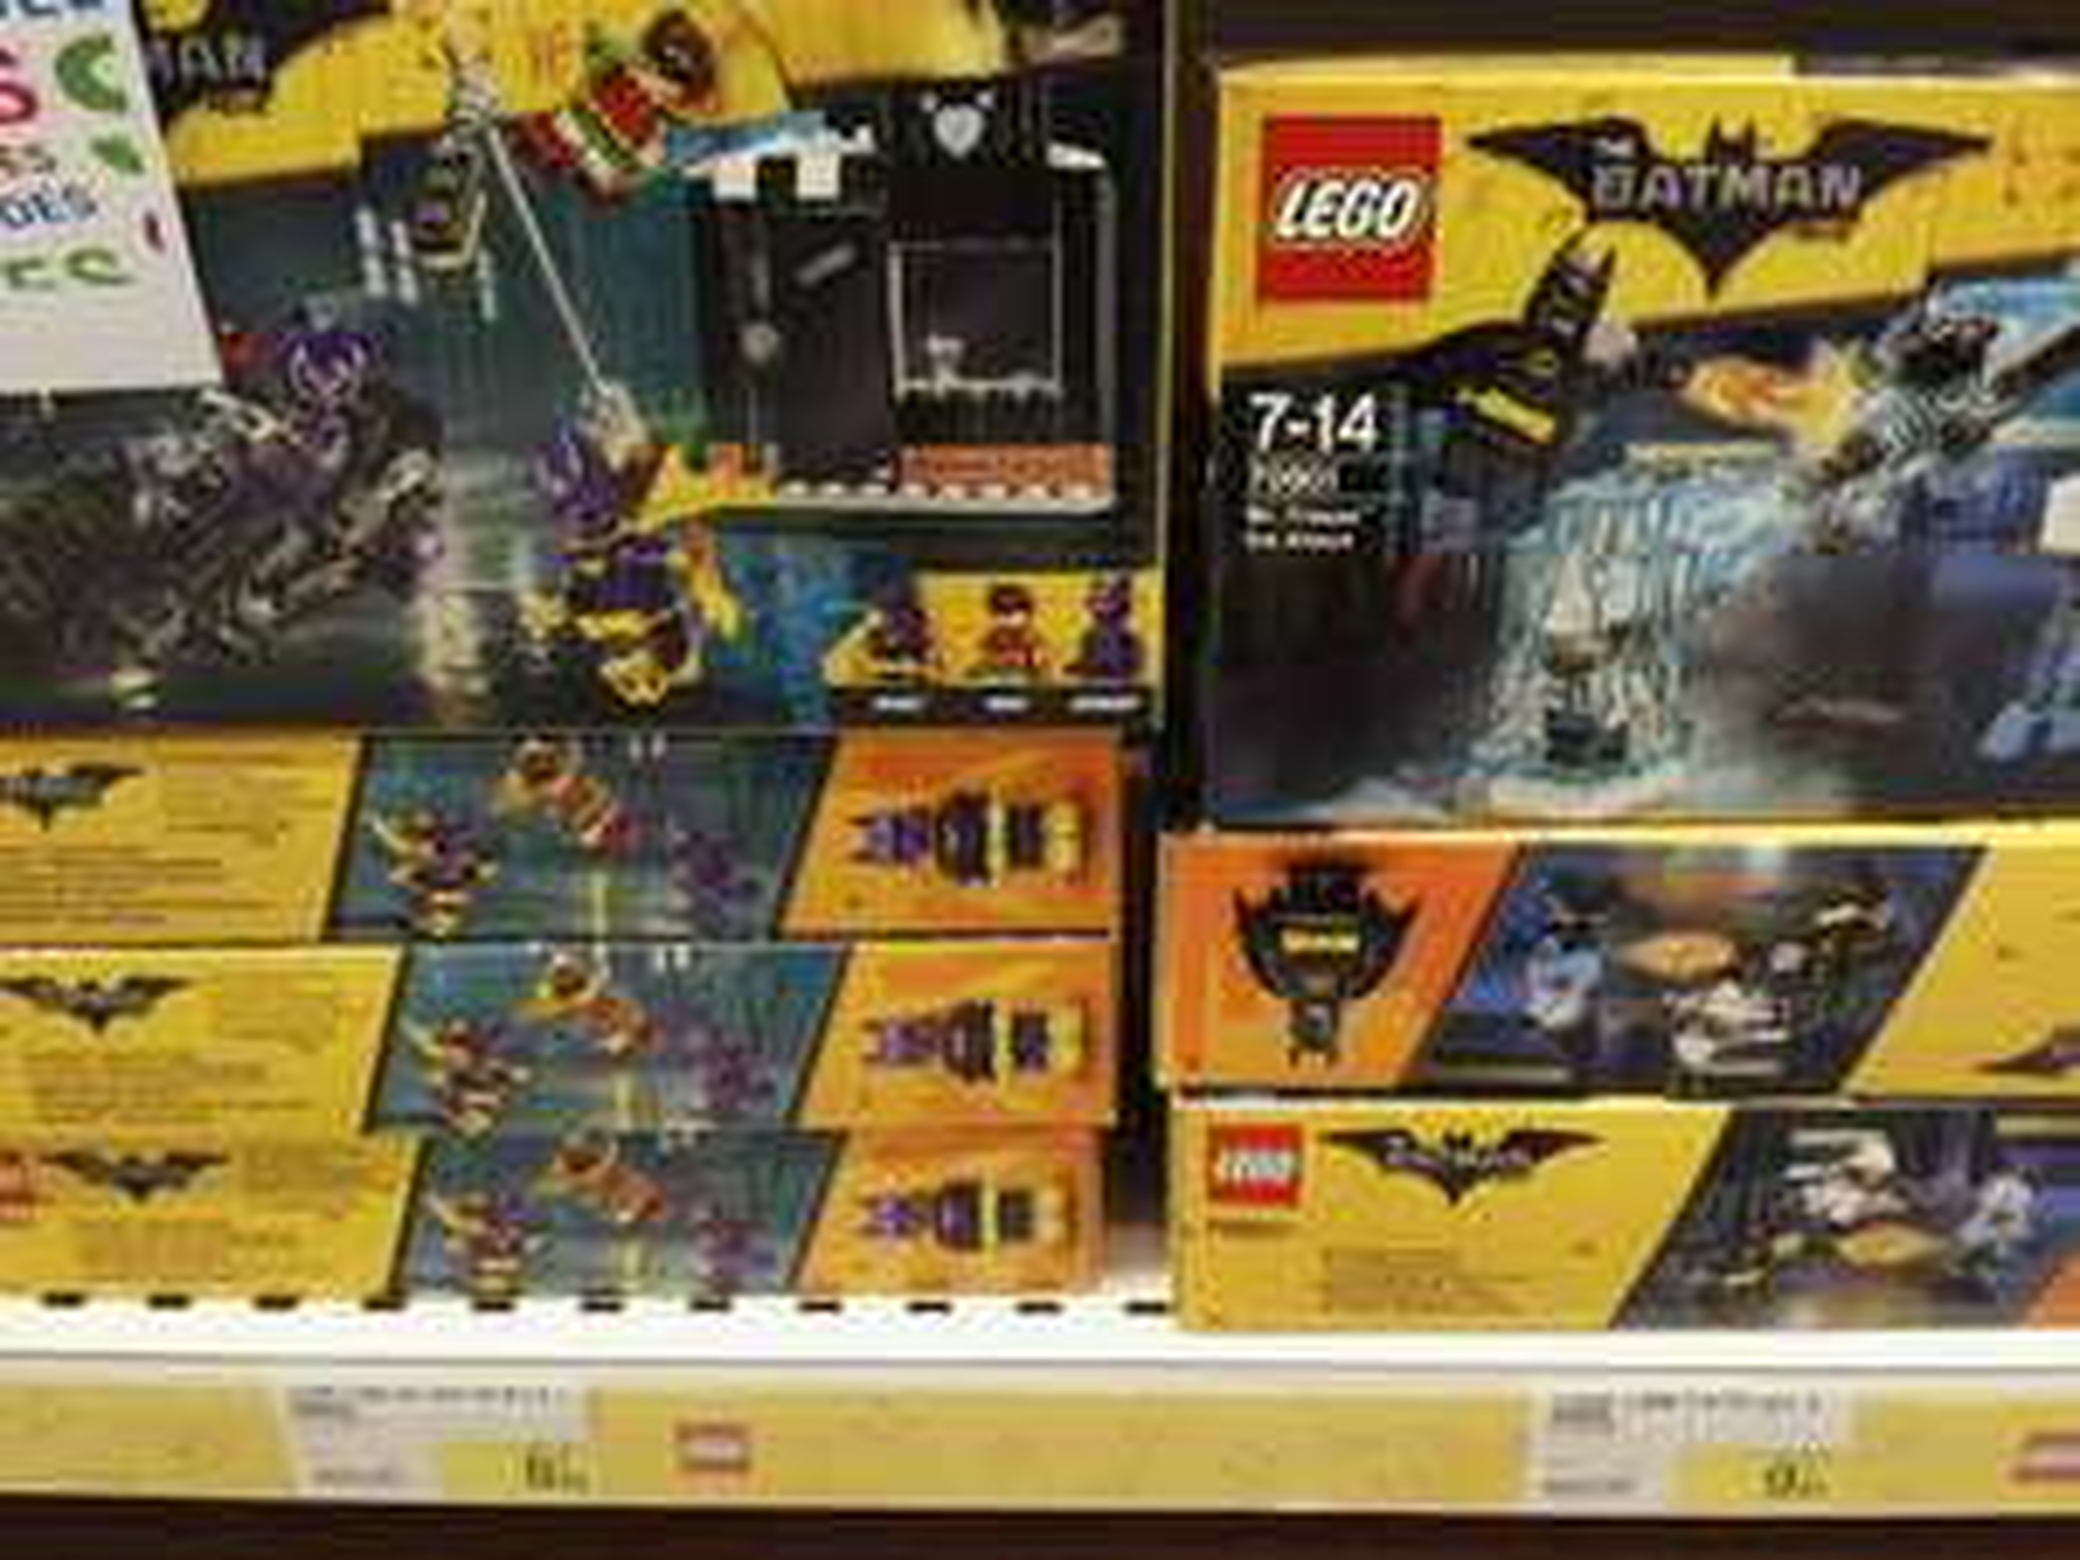 Sélection de Sets Lego Batman à 50% - (ex: 70901 à 9,85€ ou 70902 à 8,85€) - Conflans en Jarnisy (54)